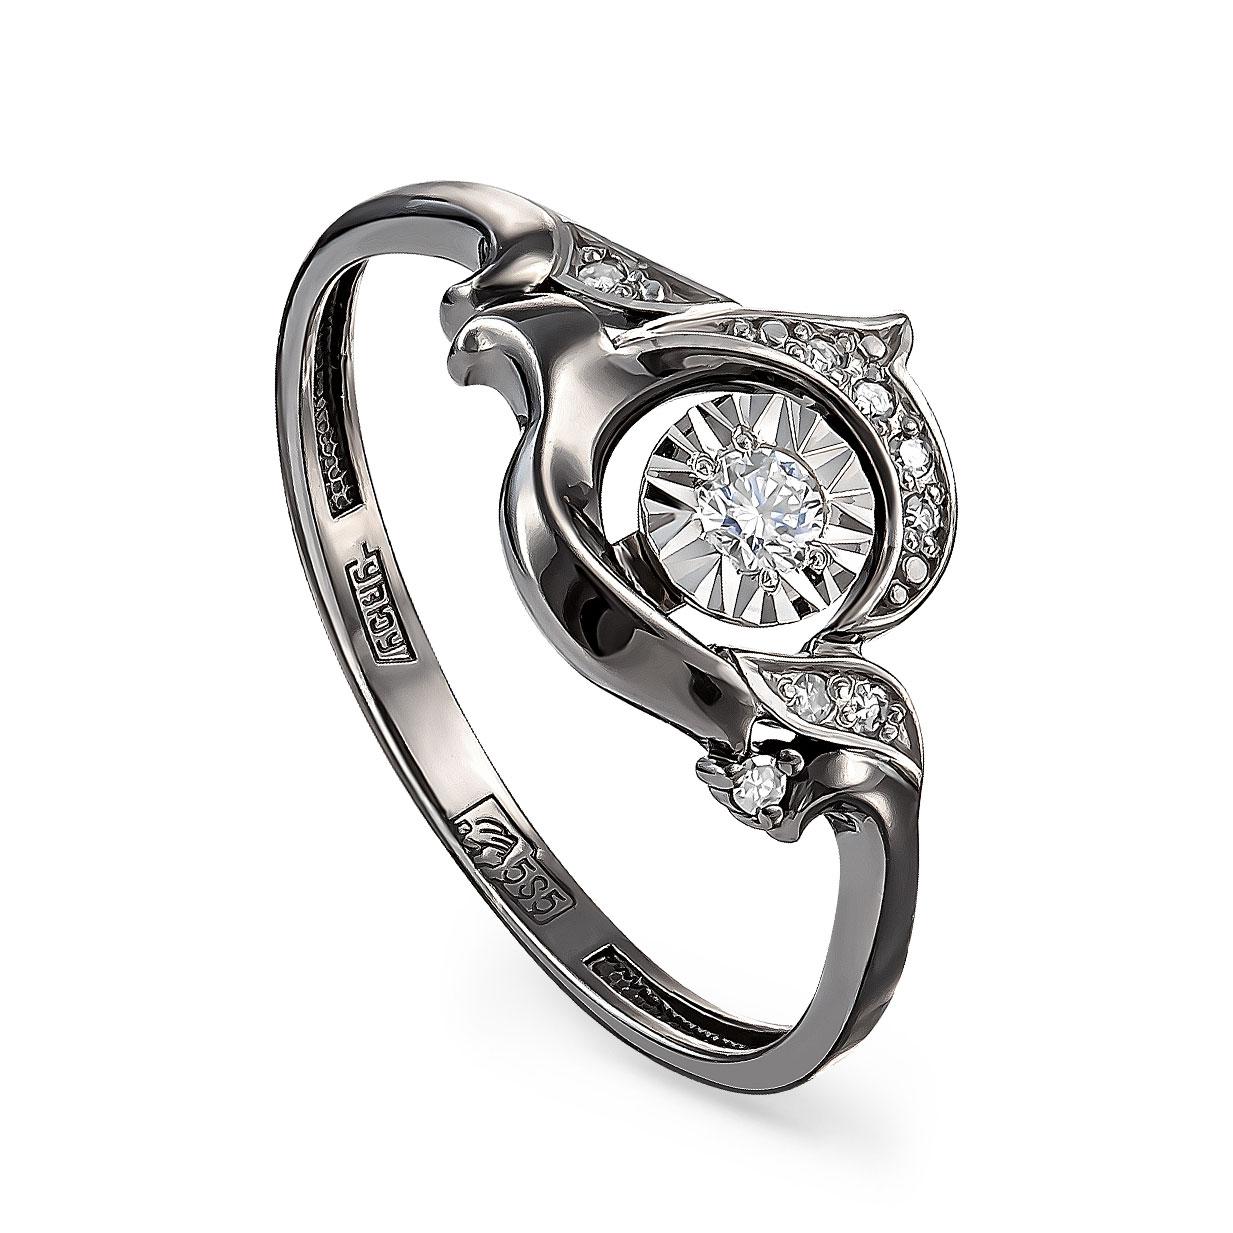 Кольцо из белого золота Бриллиант арт. 11-11216-1089 11-11216-1089